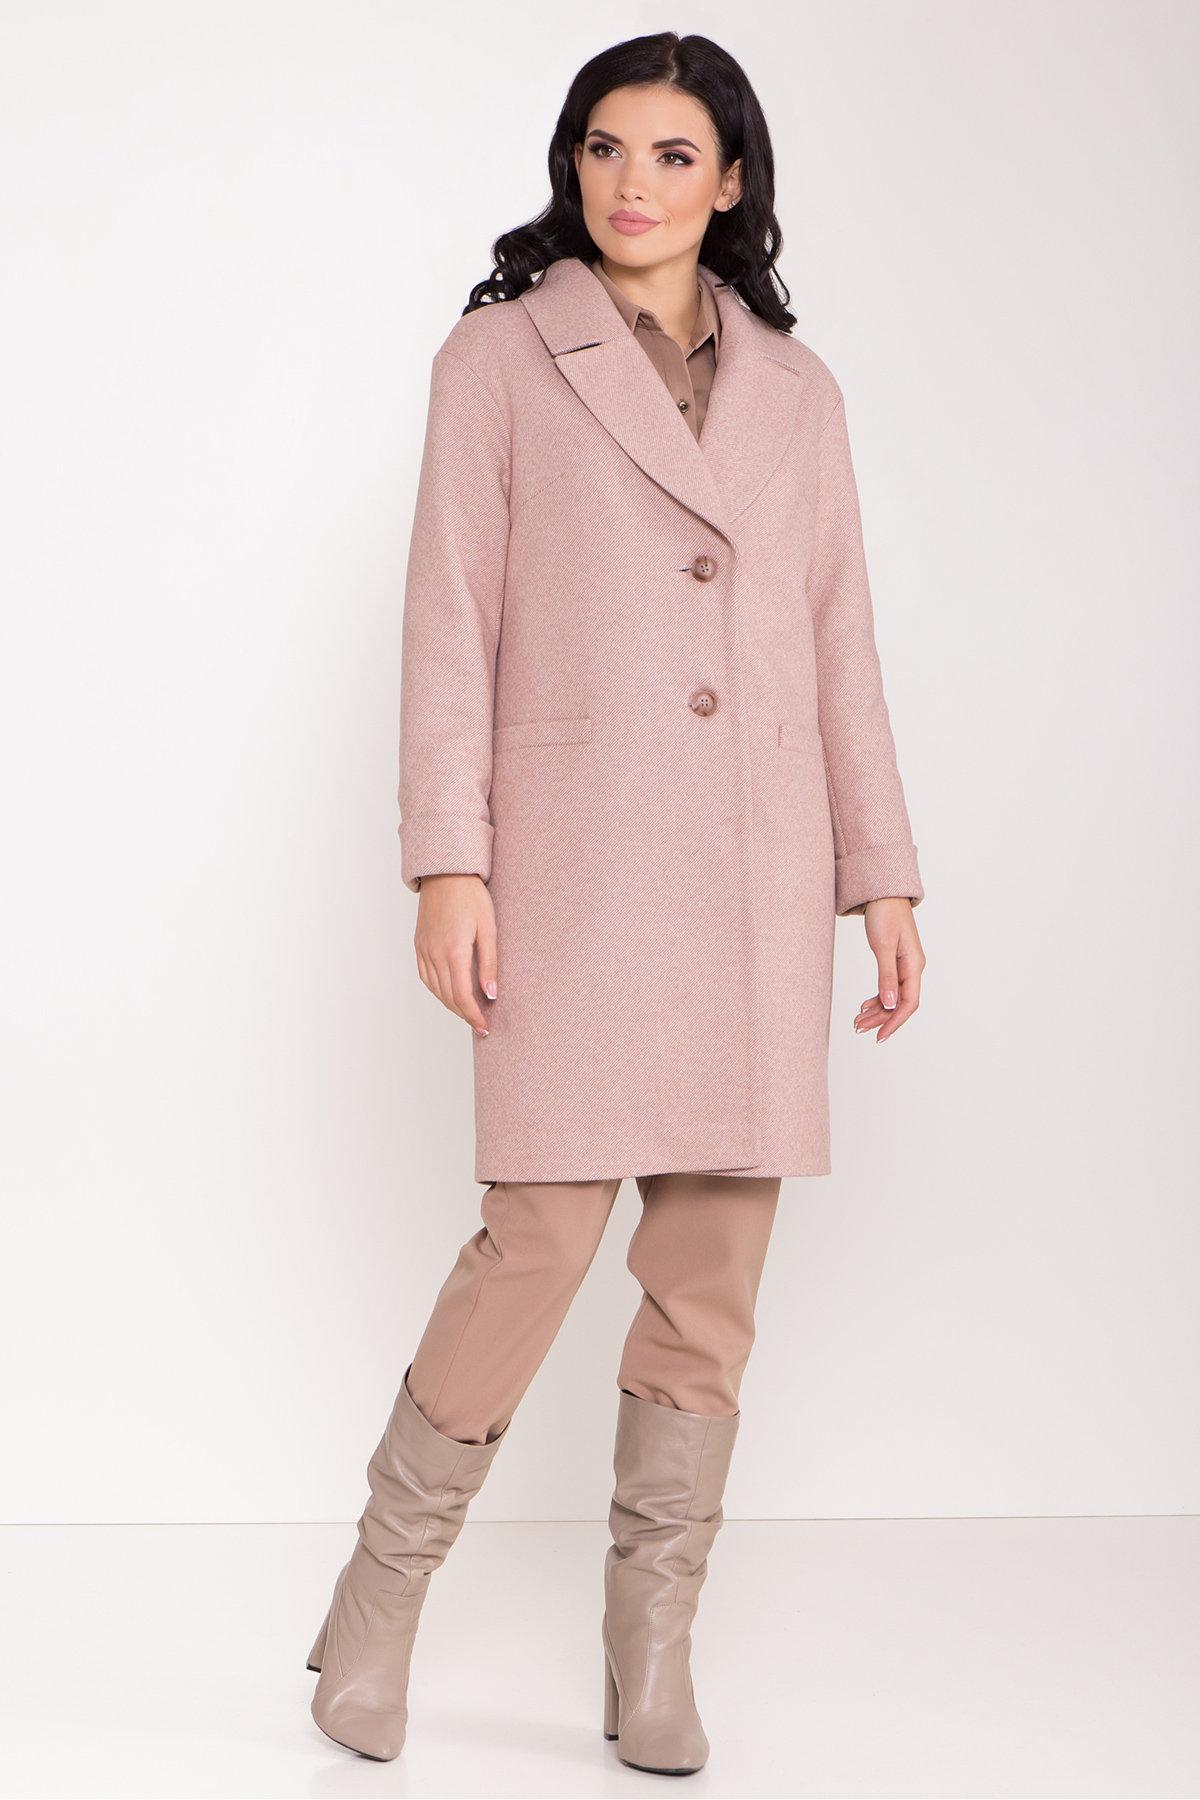 Зимнее утепленное пальто диагональ Вива 8243 АРТ. 44280 Цвет: Бежевый - фото 4, интернет магазин tm-modus.ru